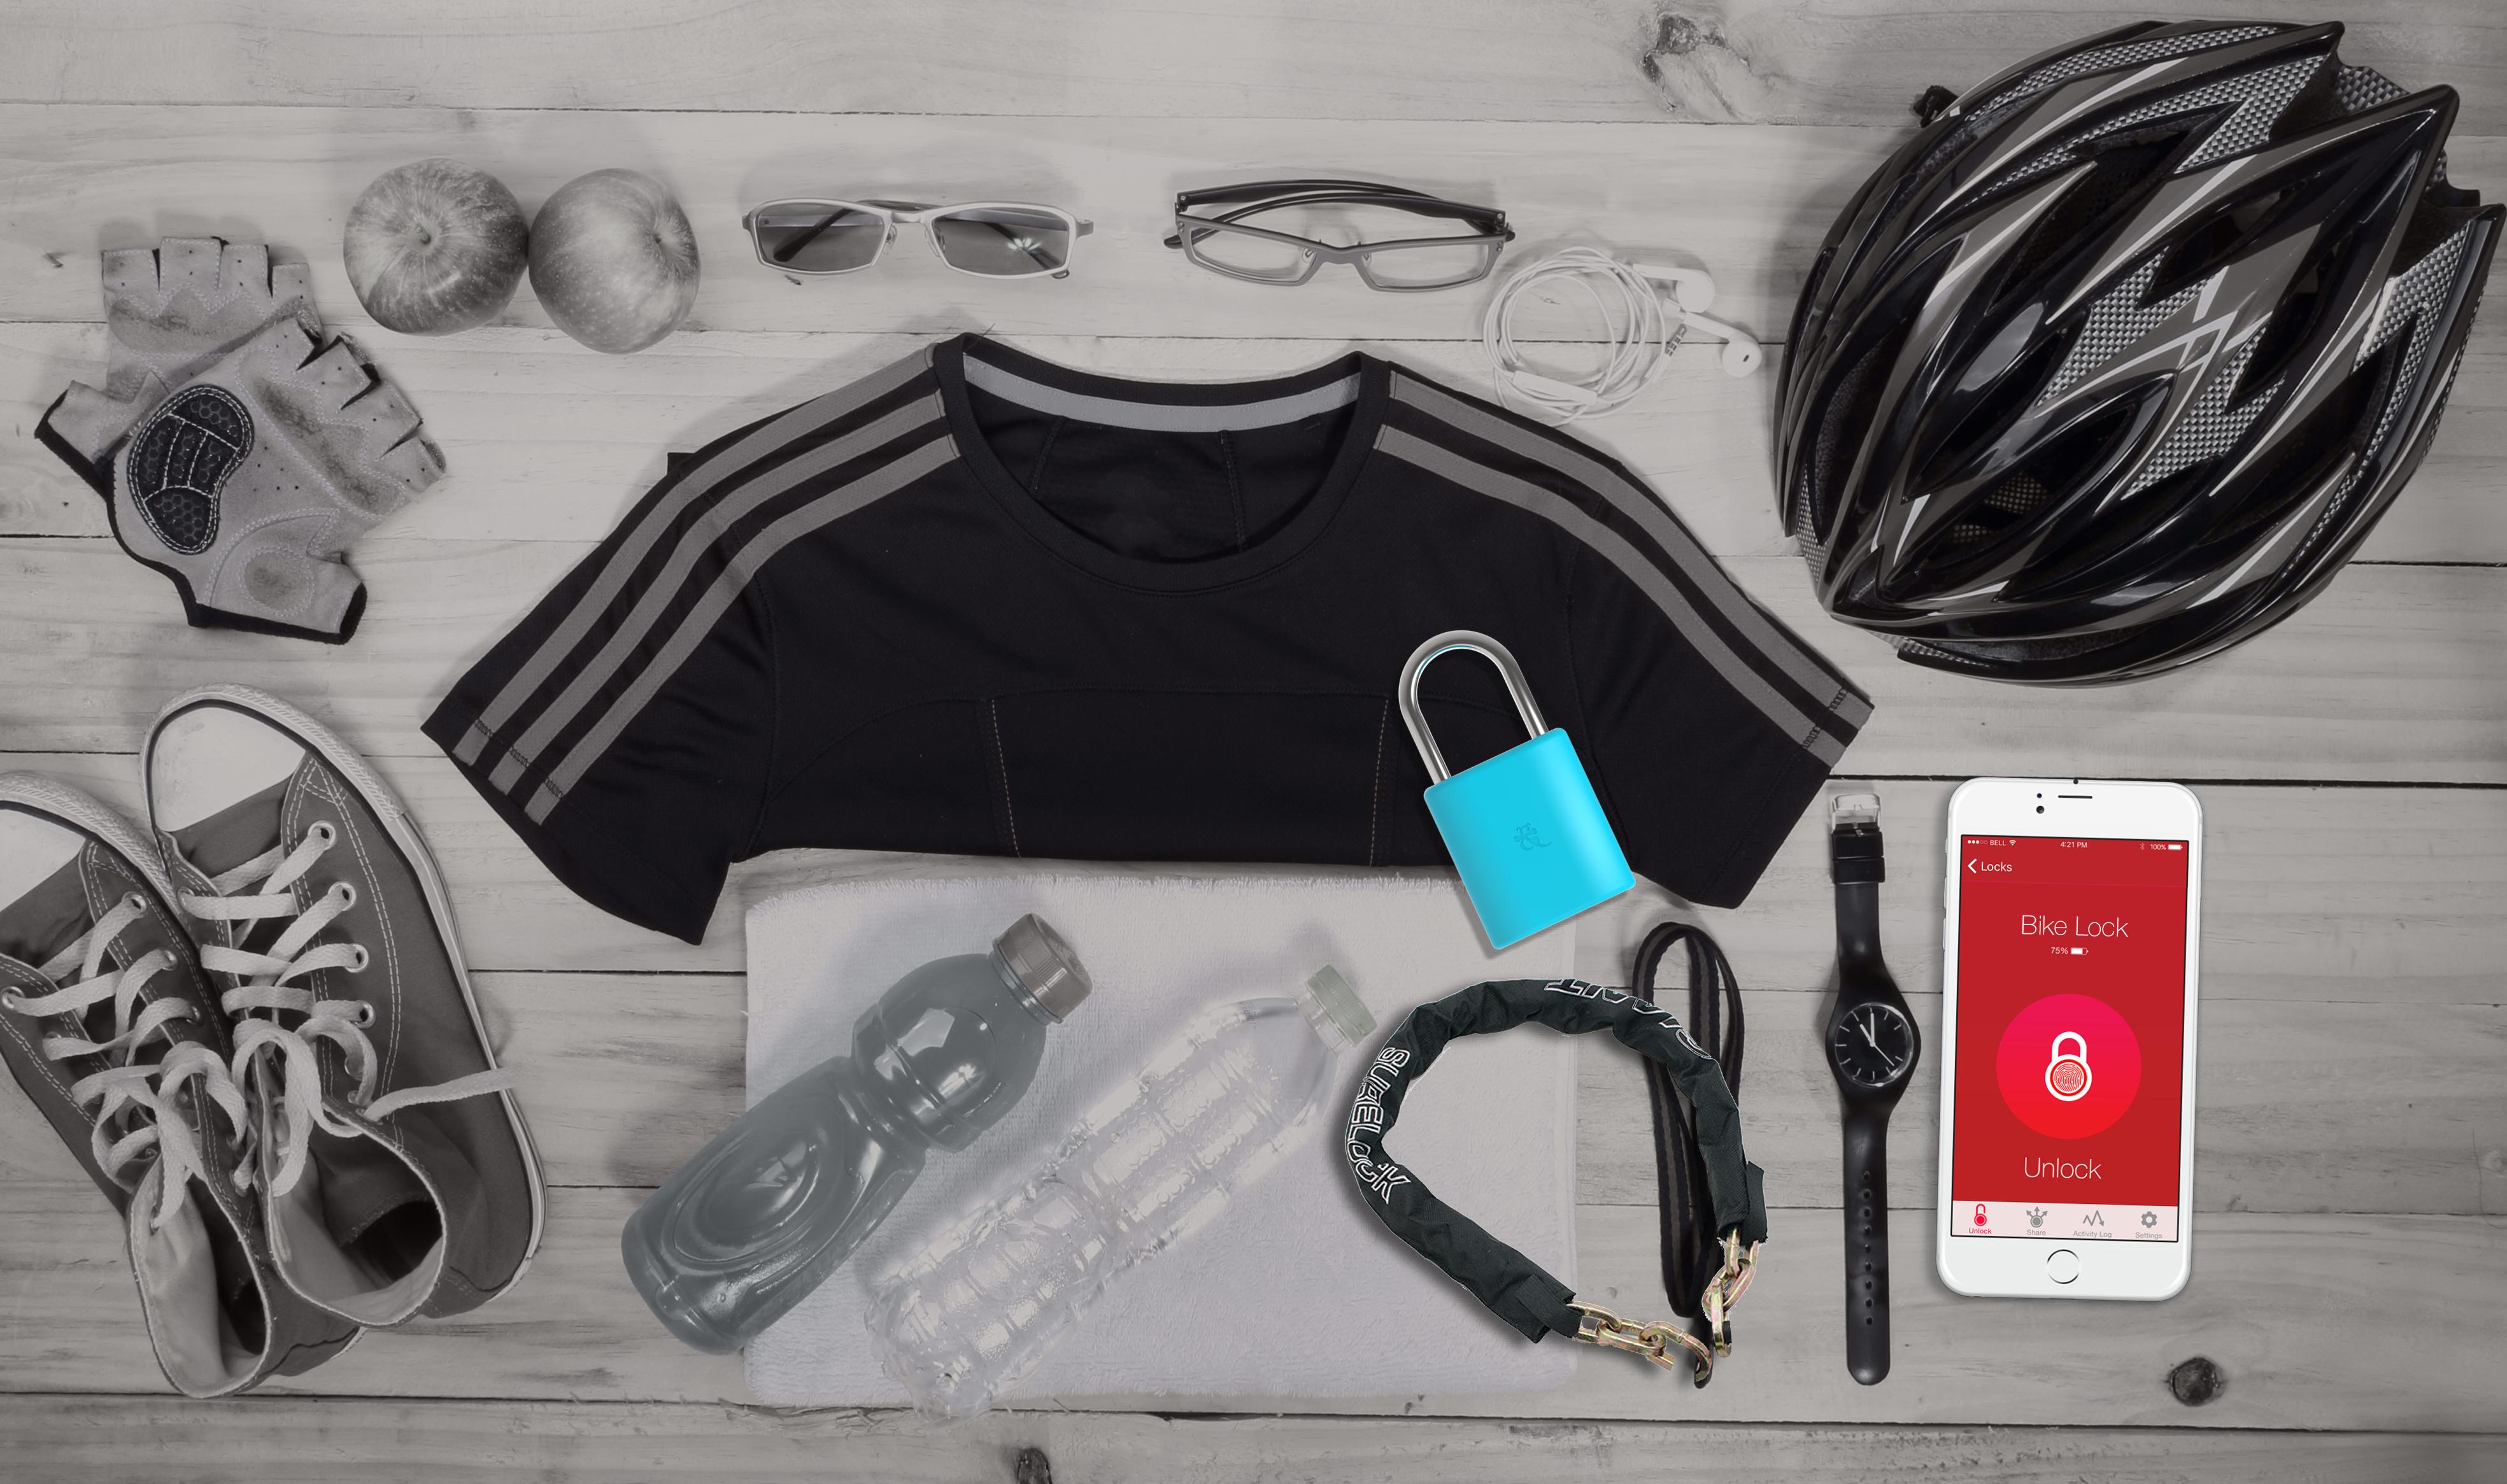 LockSmart Mini bike essentials